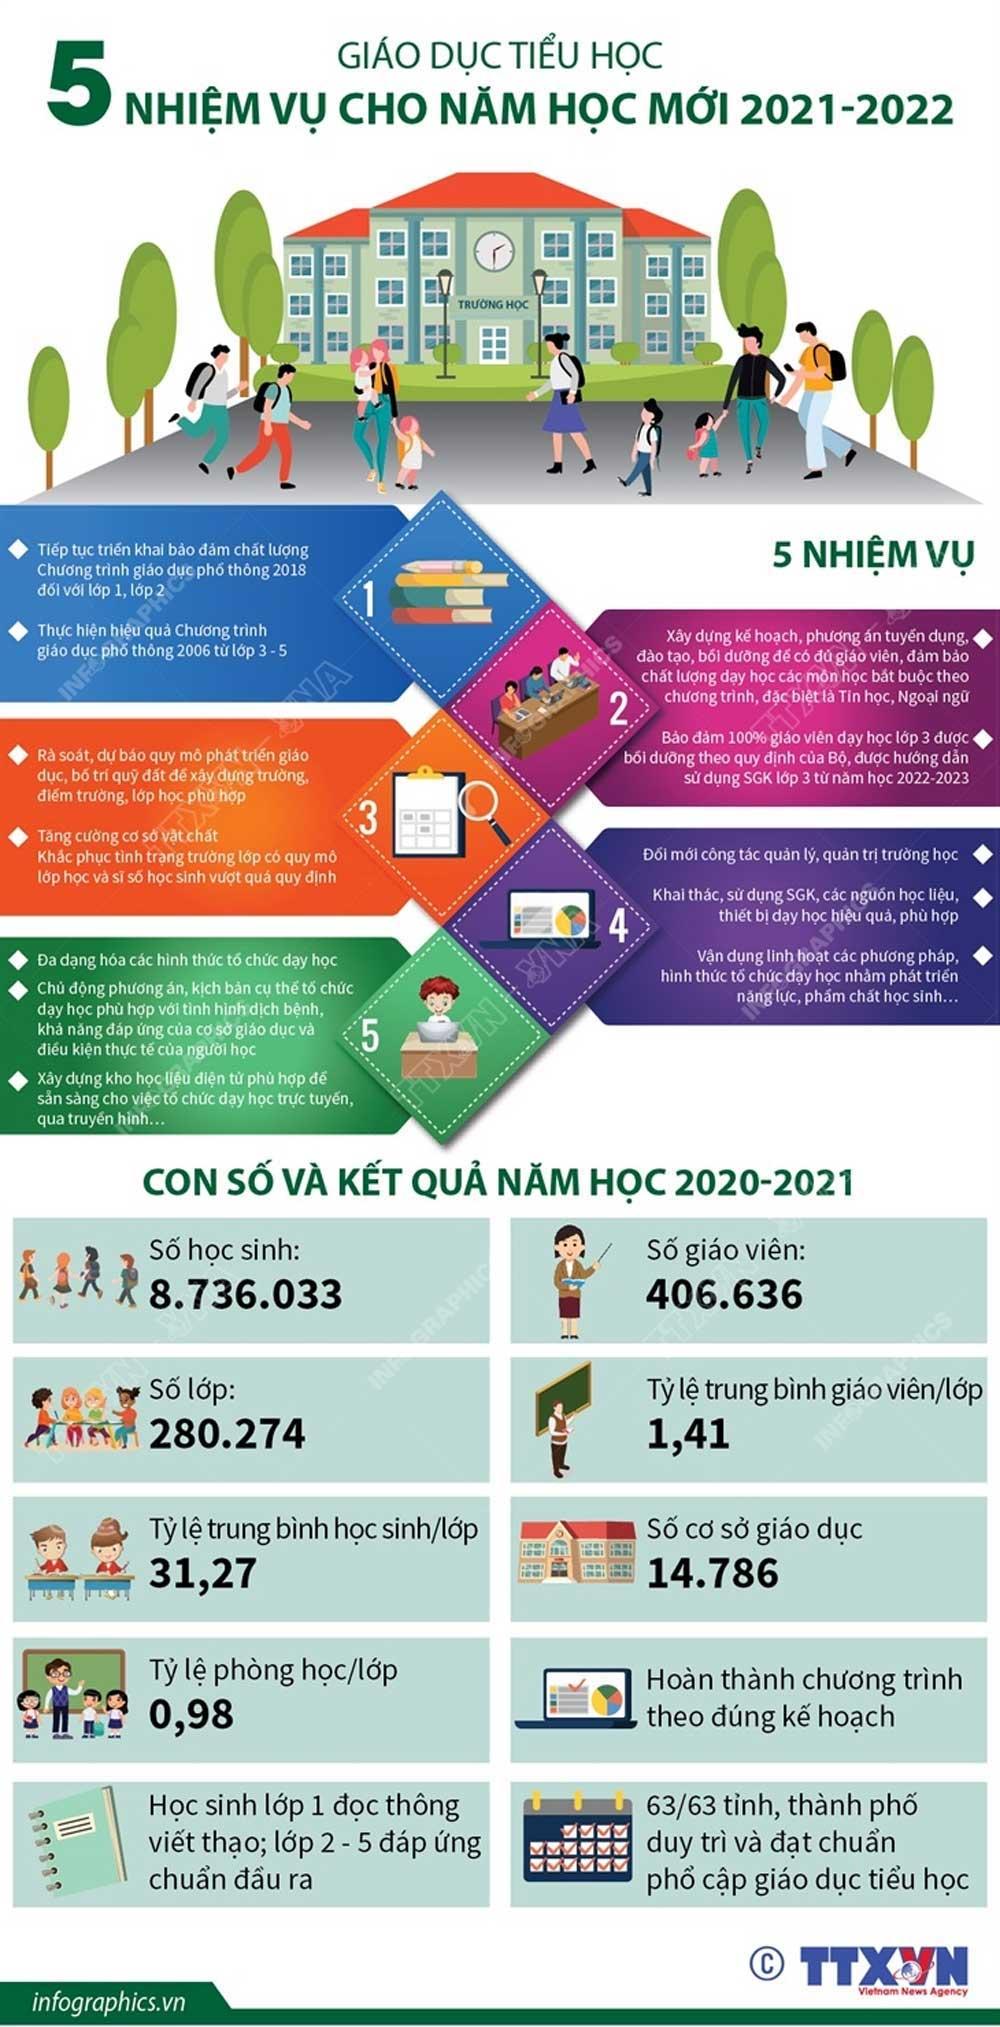 Giáo dục tiểu học, 5 nhiệm vụ, năm học mới 2021-2022